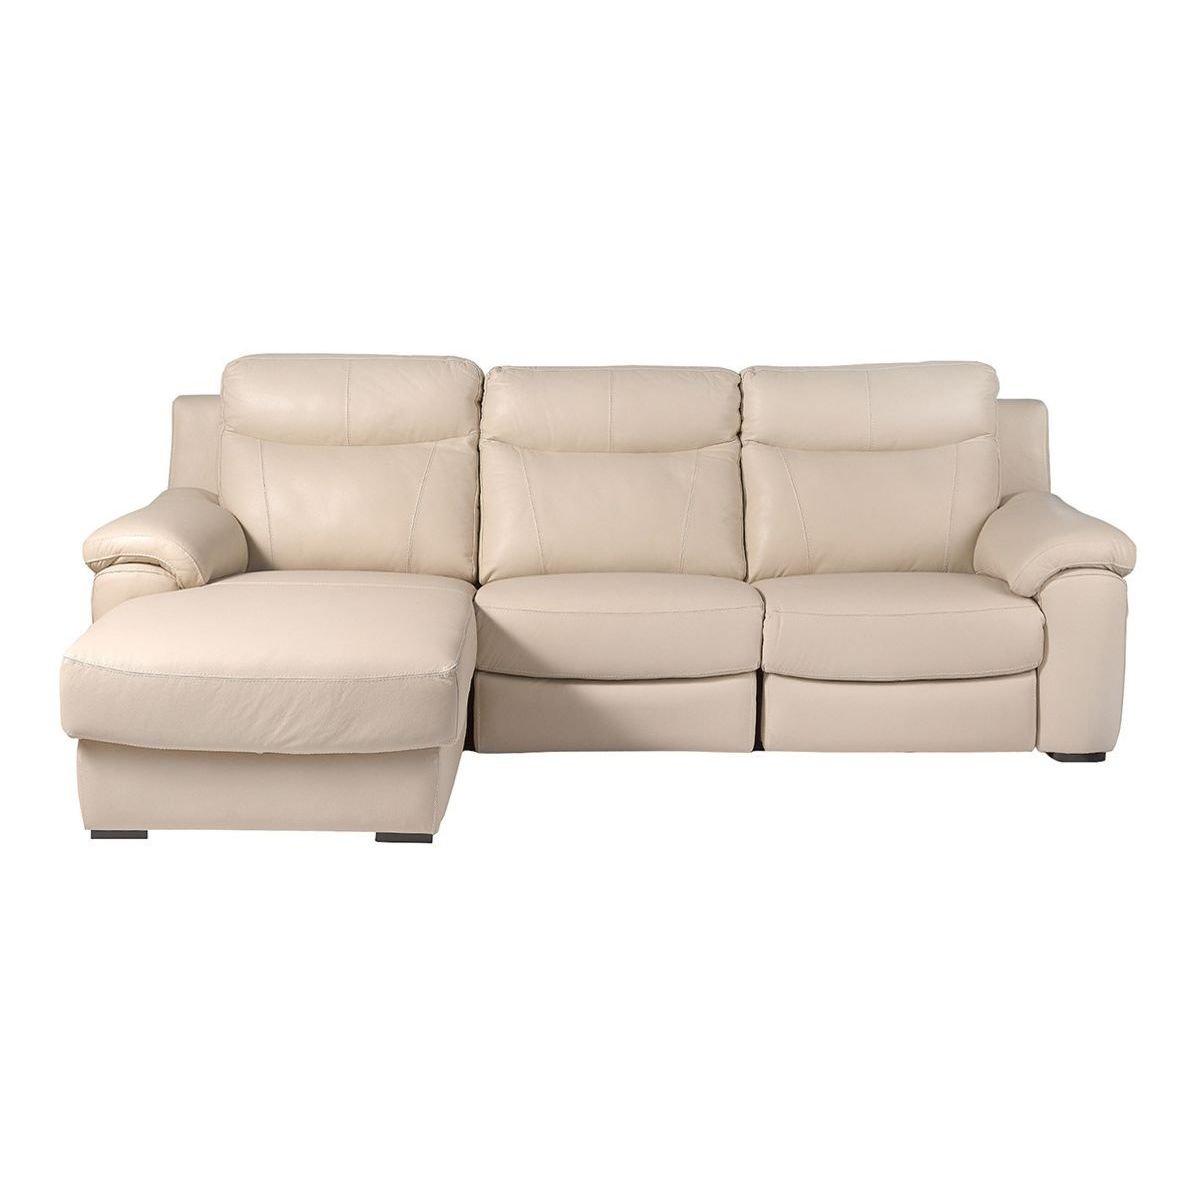 Sof s de piel el corte ingl s for Ofertas de sofas en piel